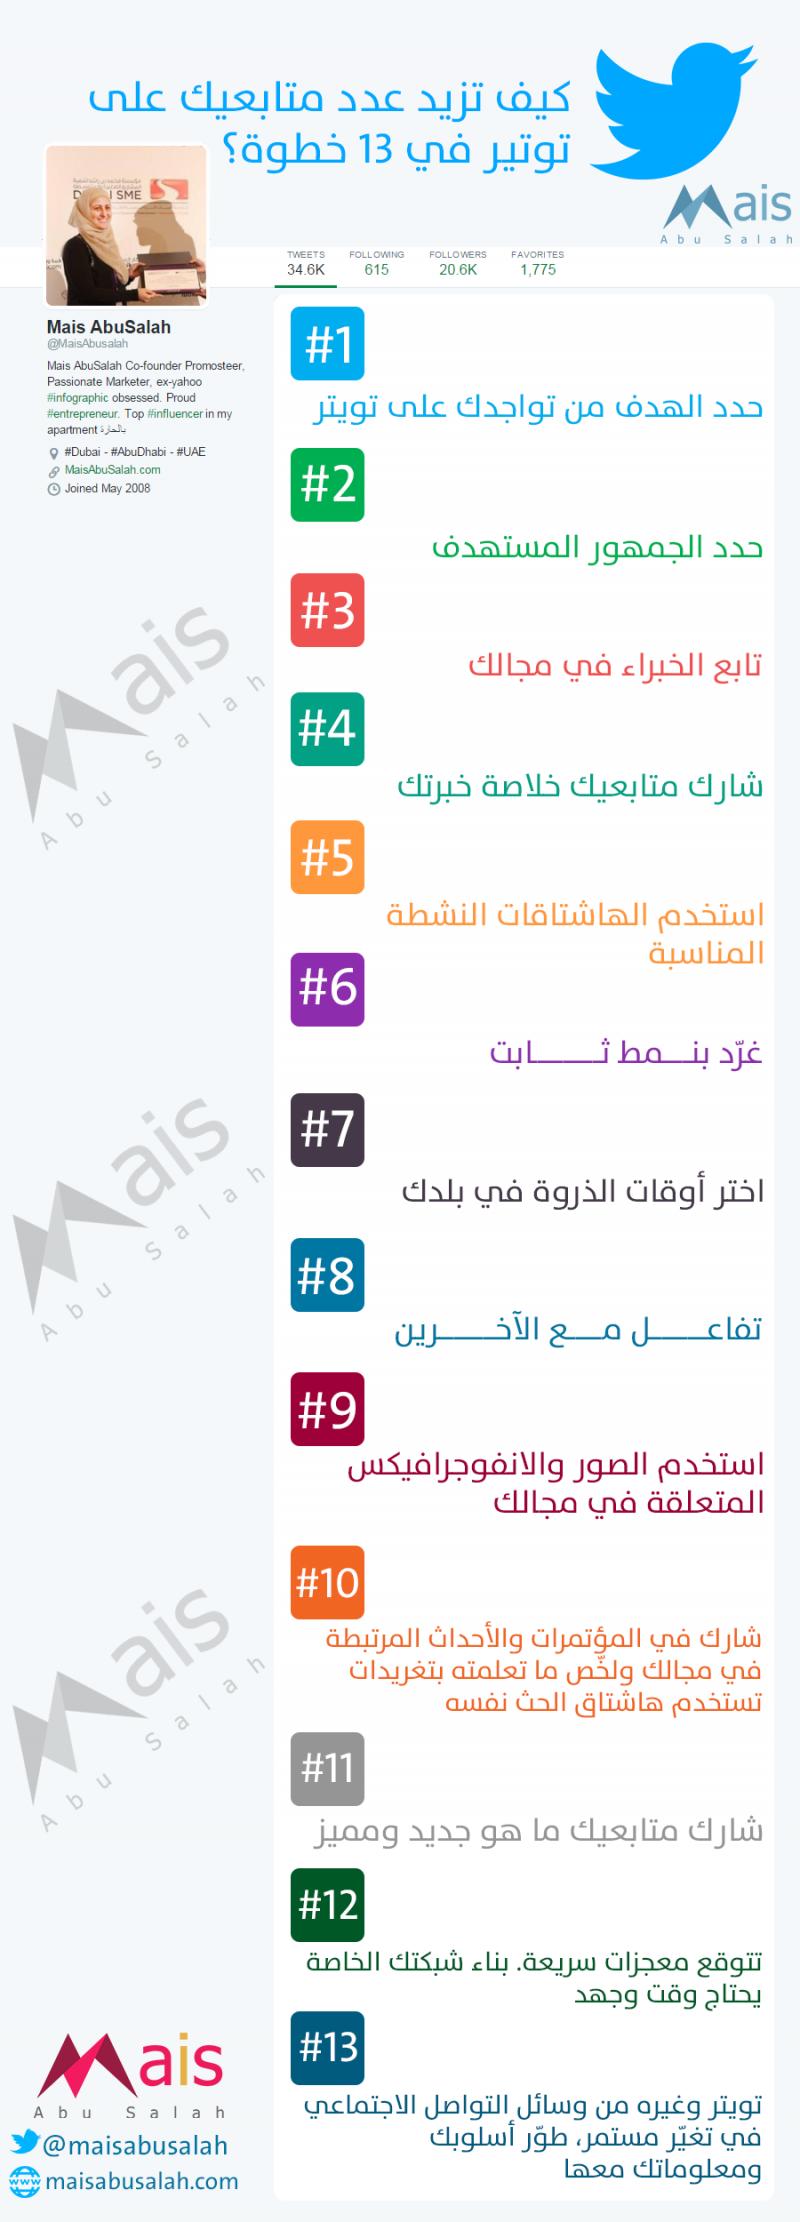 كيف تزيد عدد متابعيك على #تويتر في 13 خطوة؟ #انفوجرافيك